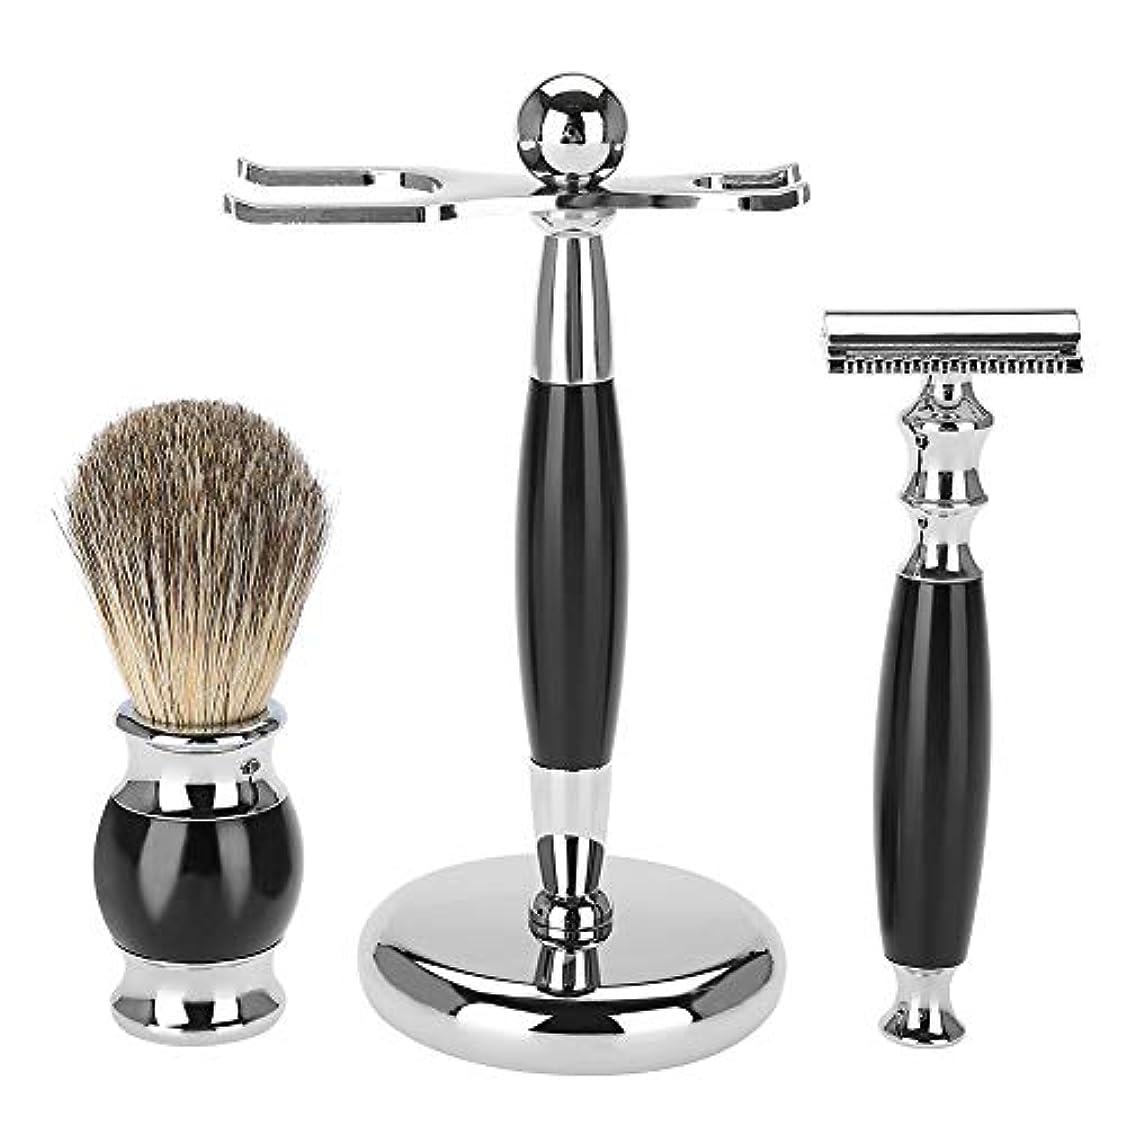 世界に死んだ排除する勉強するひげ剃りセット安全剃刀ブラシスタンドラックホルダー (ブラック)